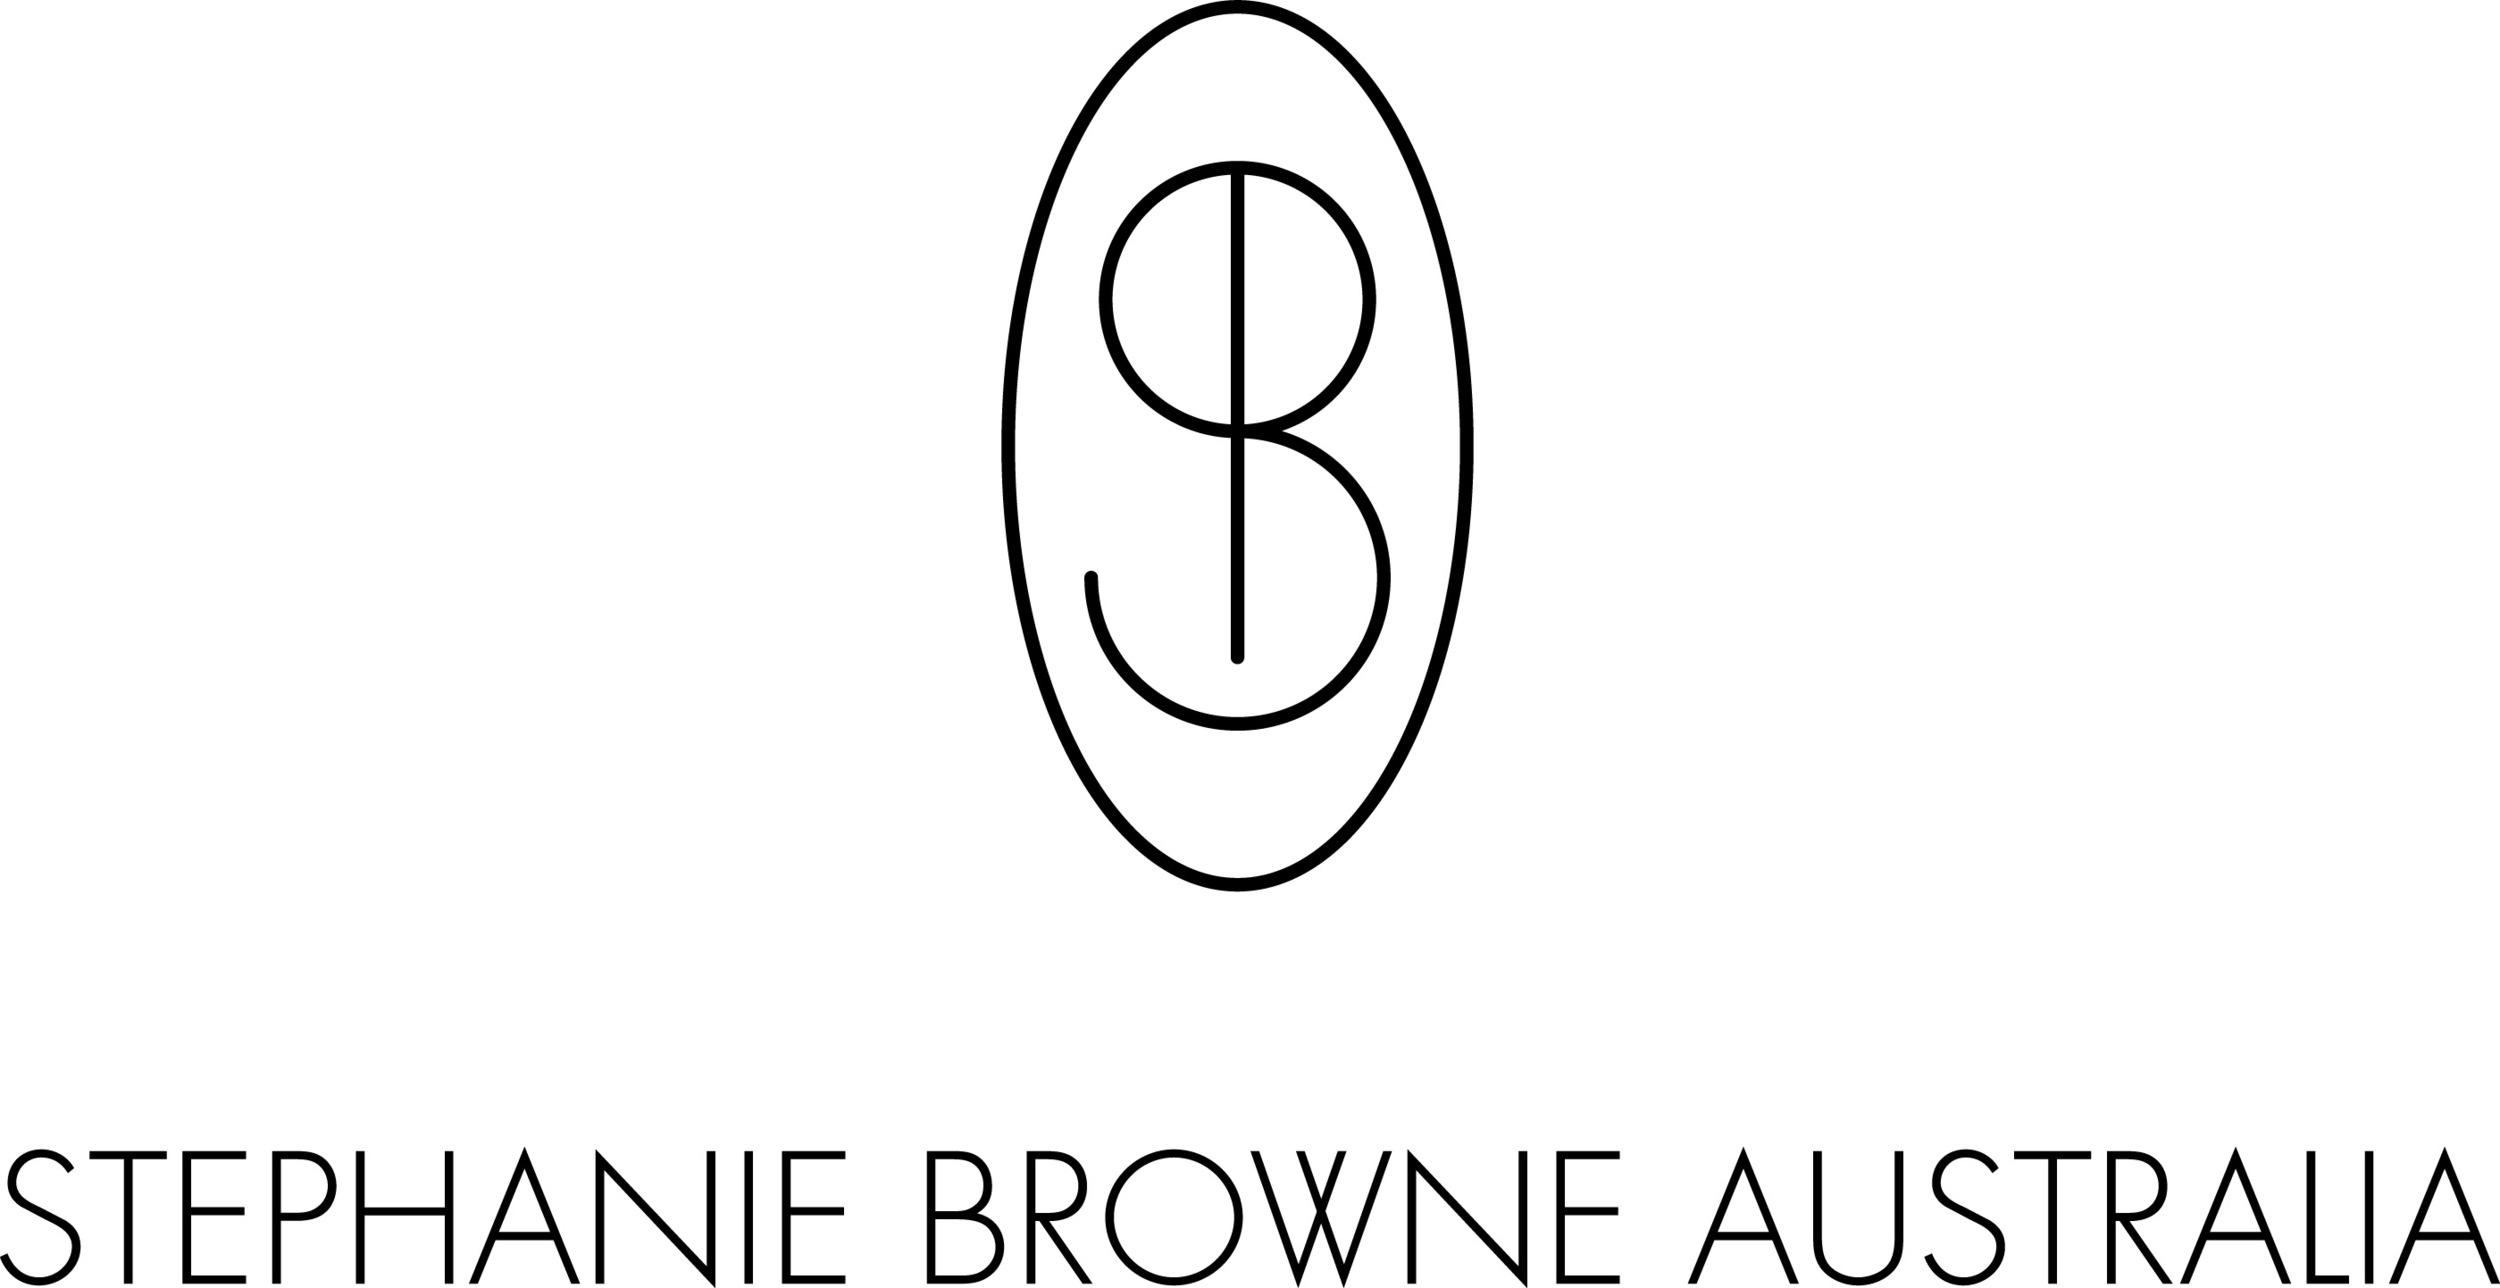 sba_logo jpeg.jpg